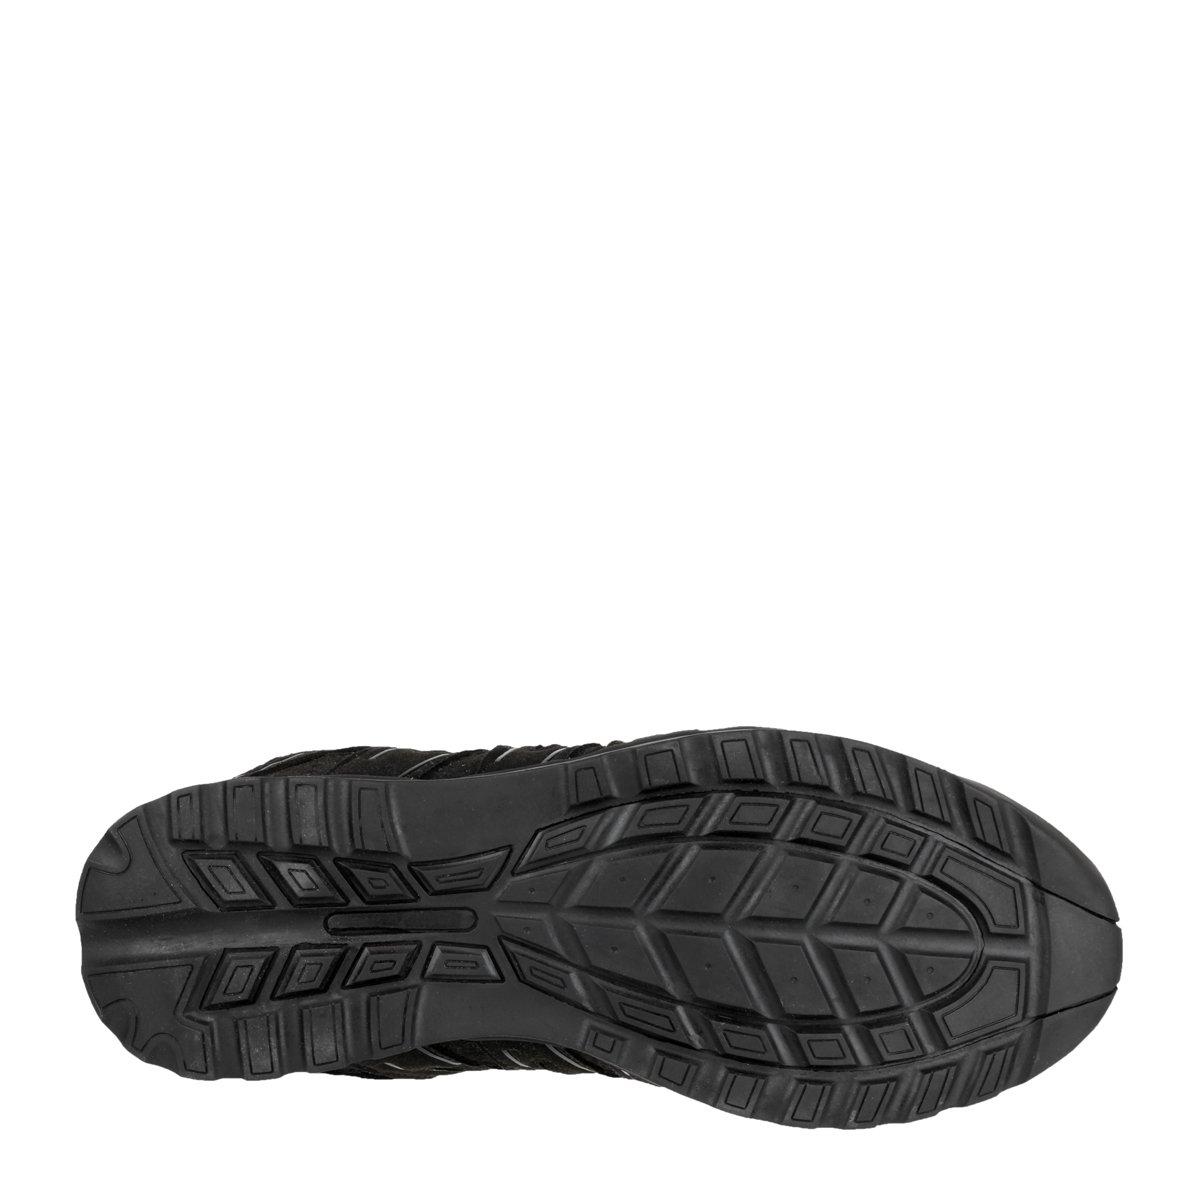 Amblers Footsure Unisex Schwarz FS40C Safety Turnschuhe-UK Turnschuhe-UK Turnschuhe-UK 8 ca3241